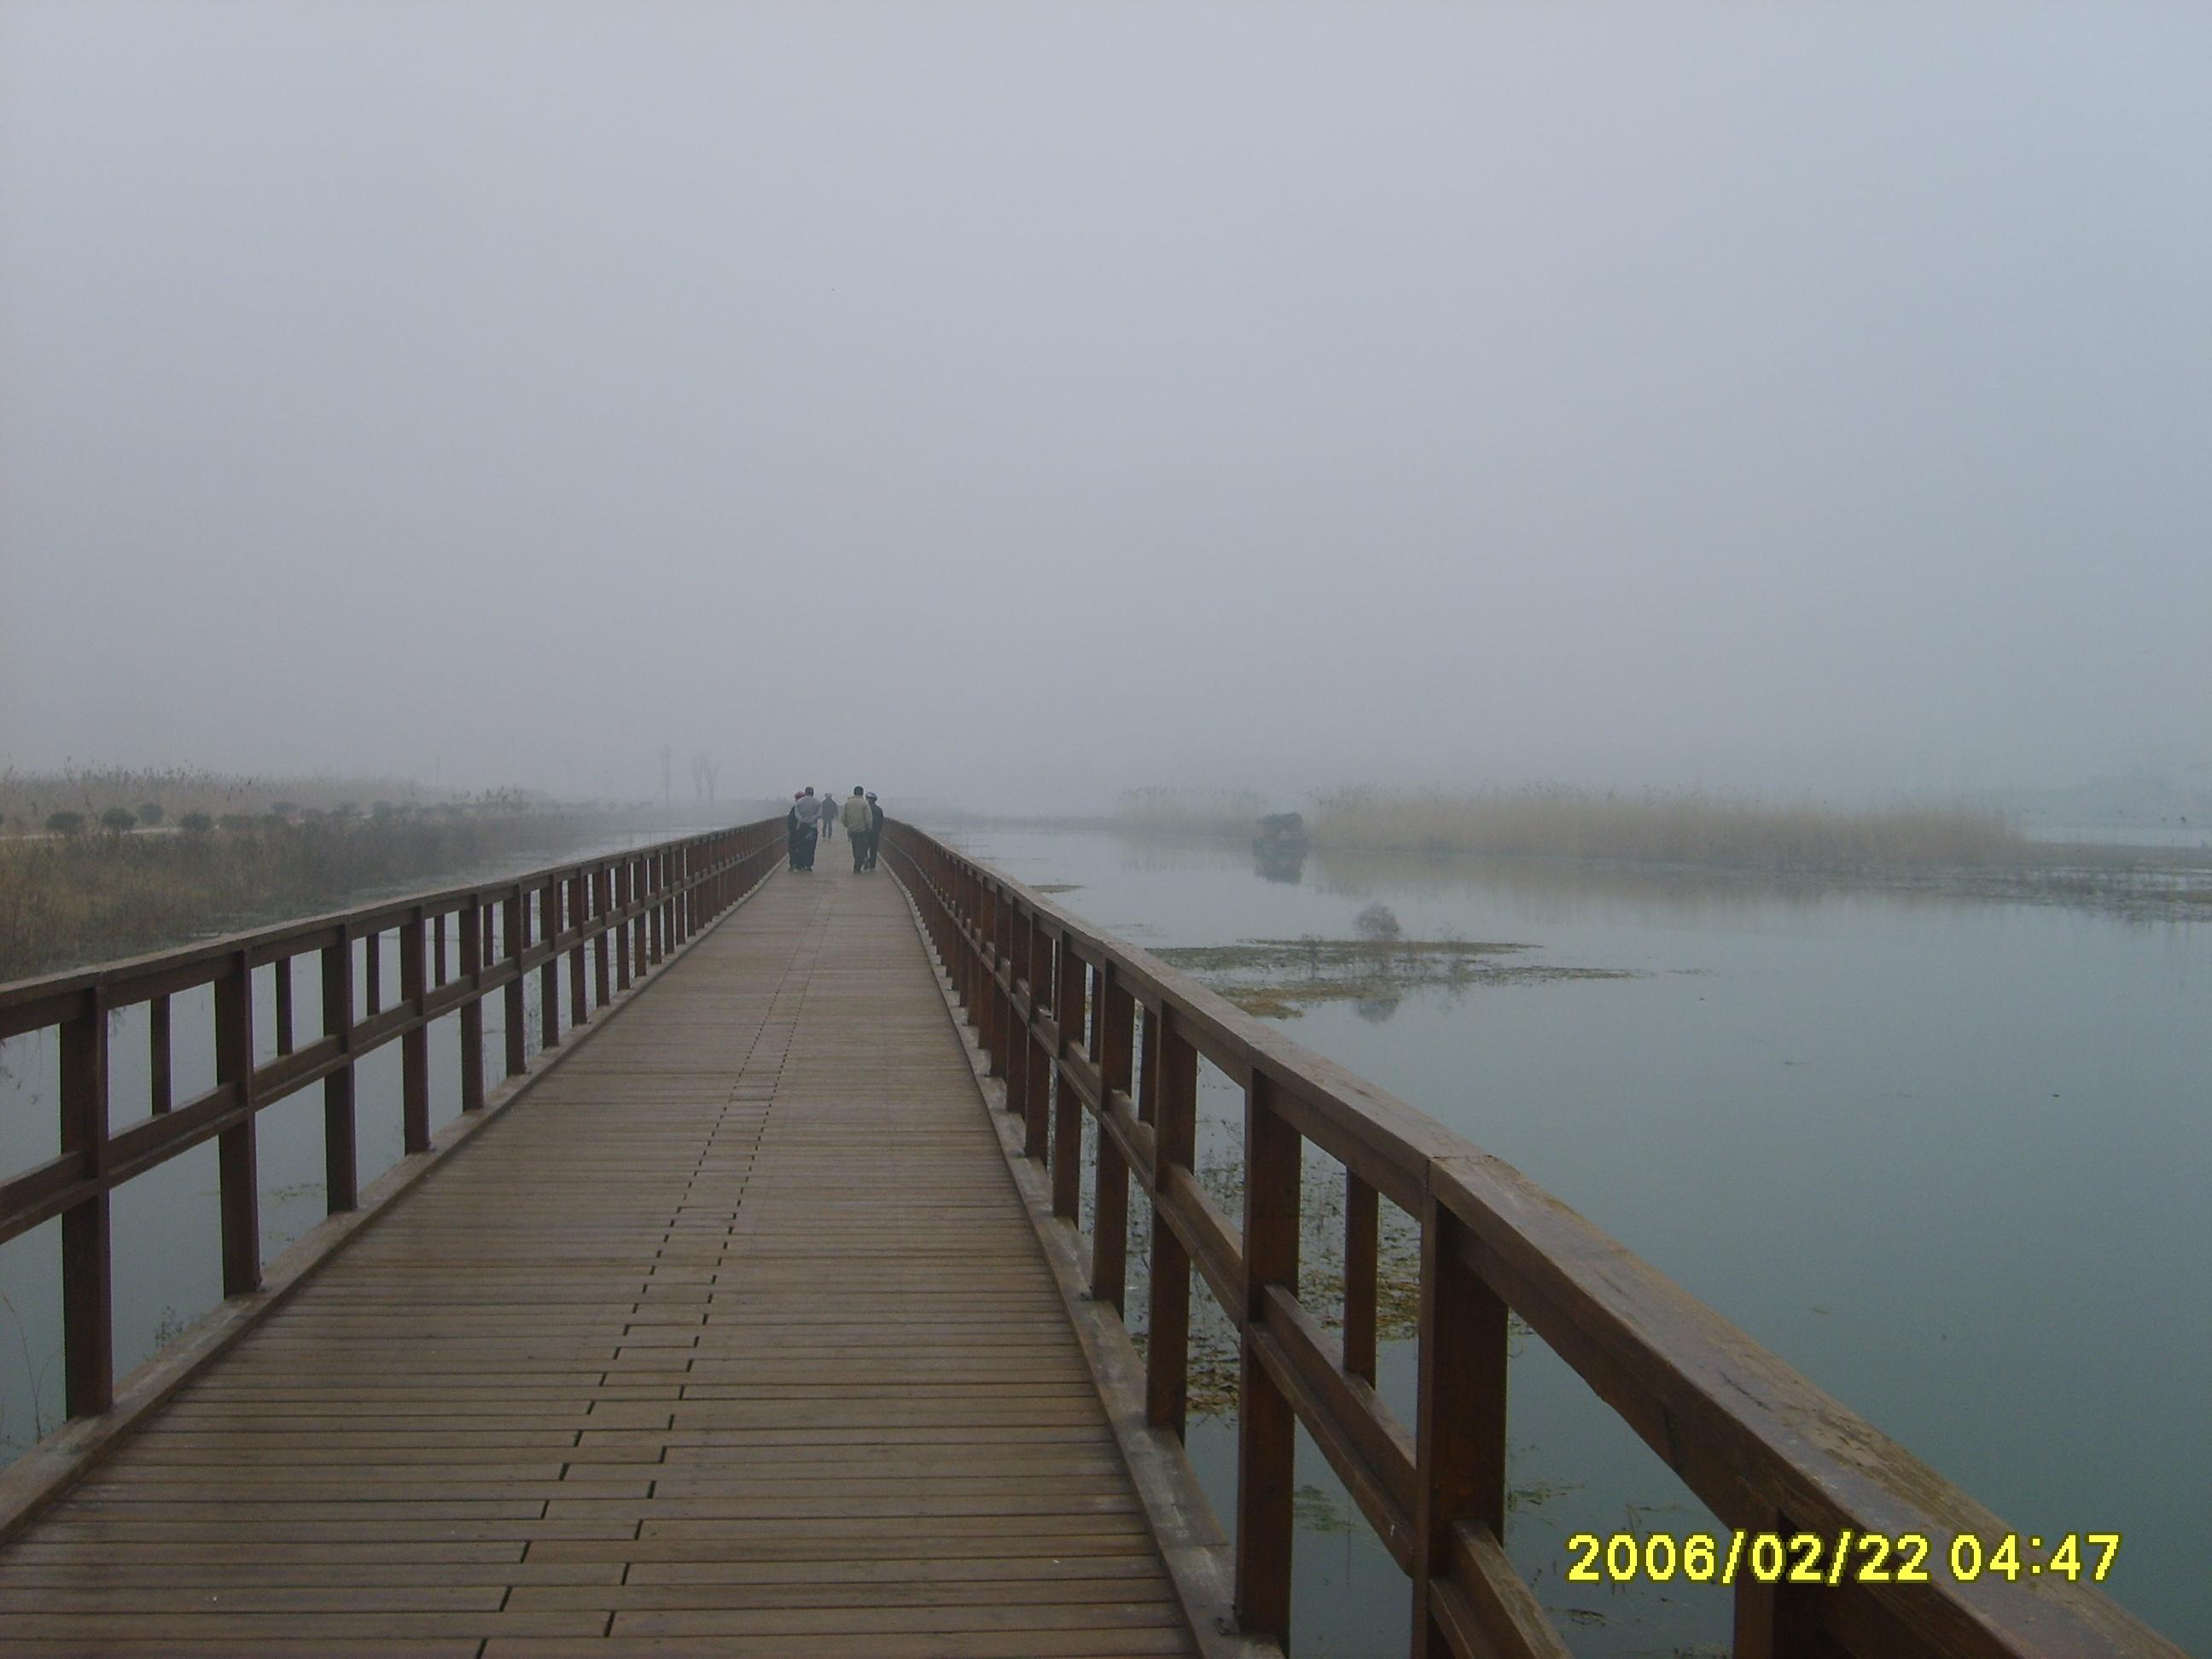 长长的栈桥,远处的背影